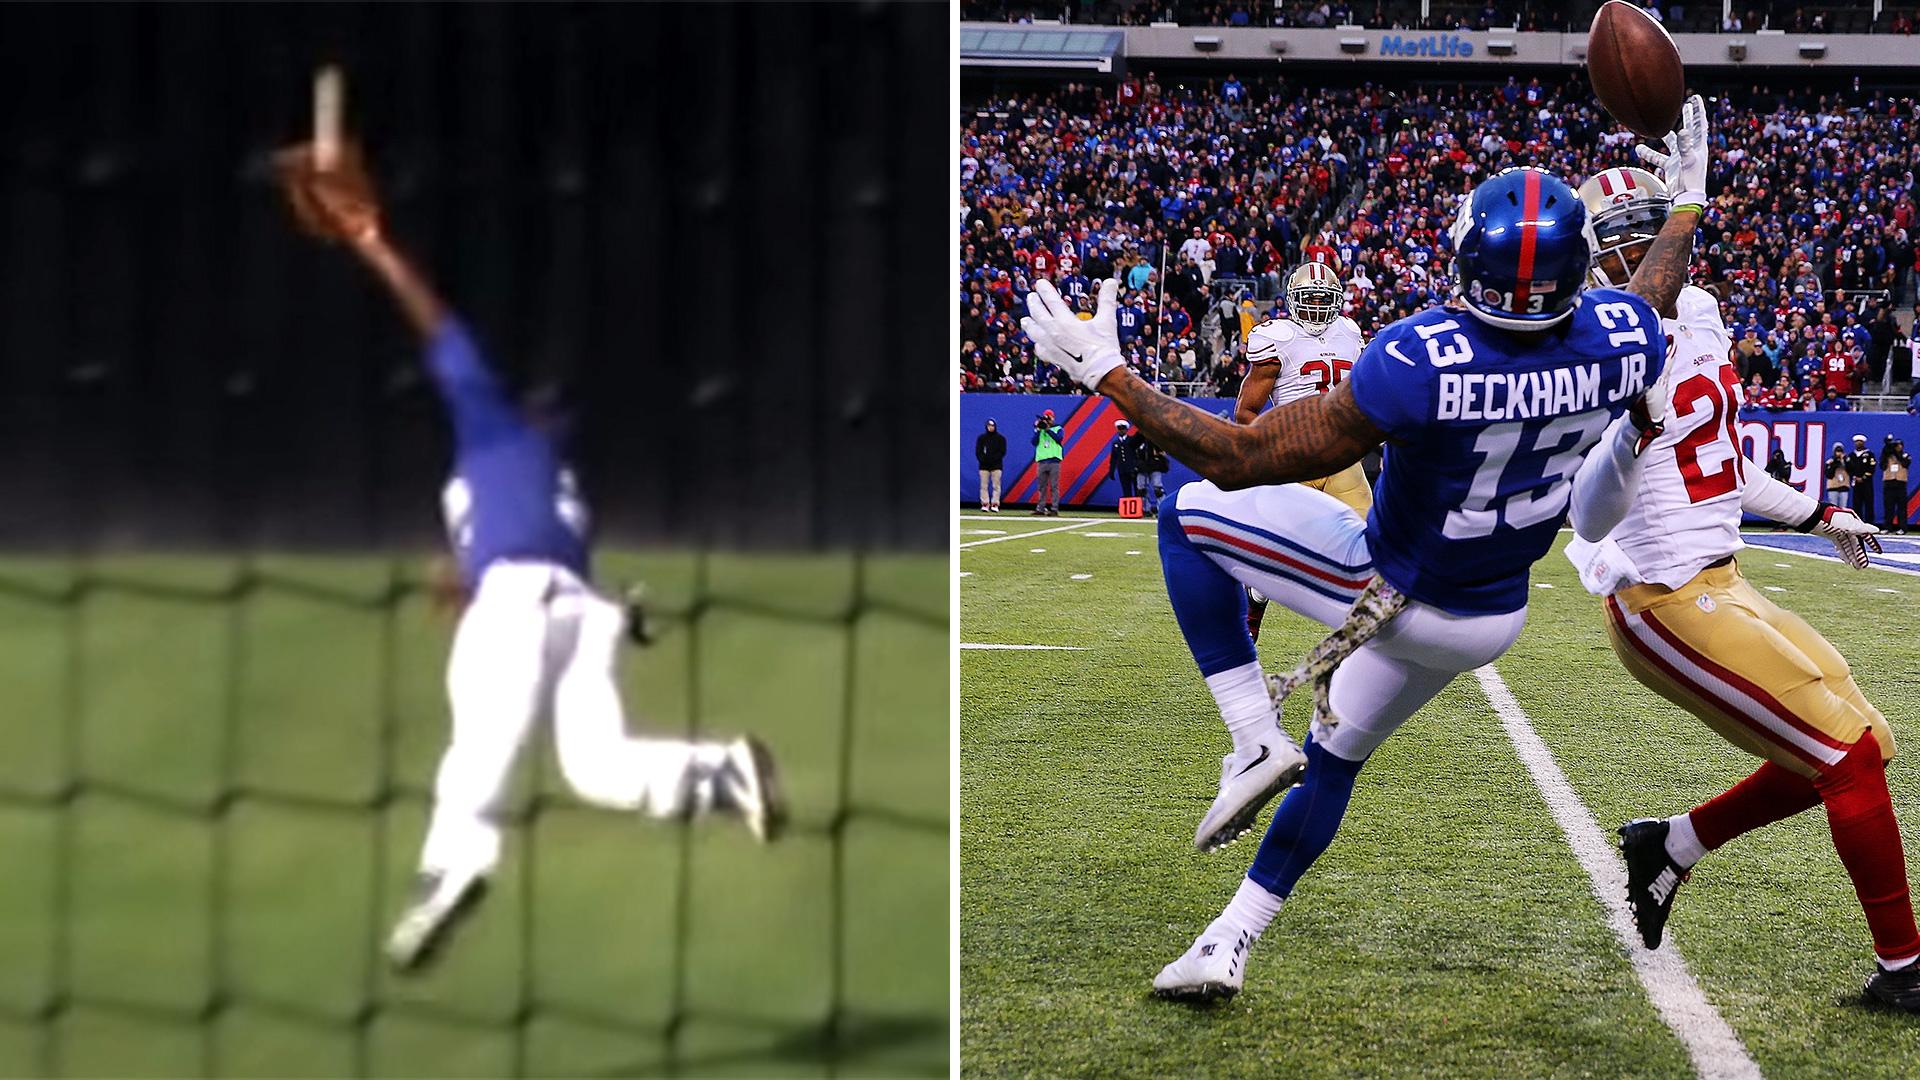 MLB and NFL catch-051915-FTR.jpg